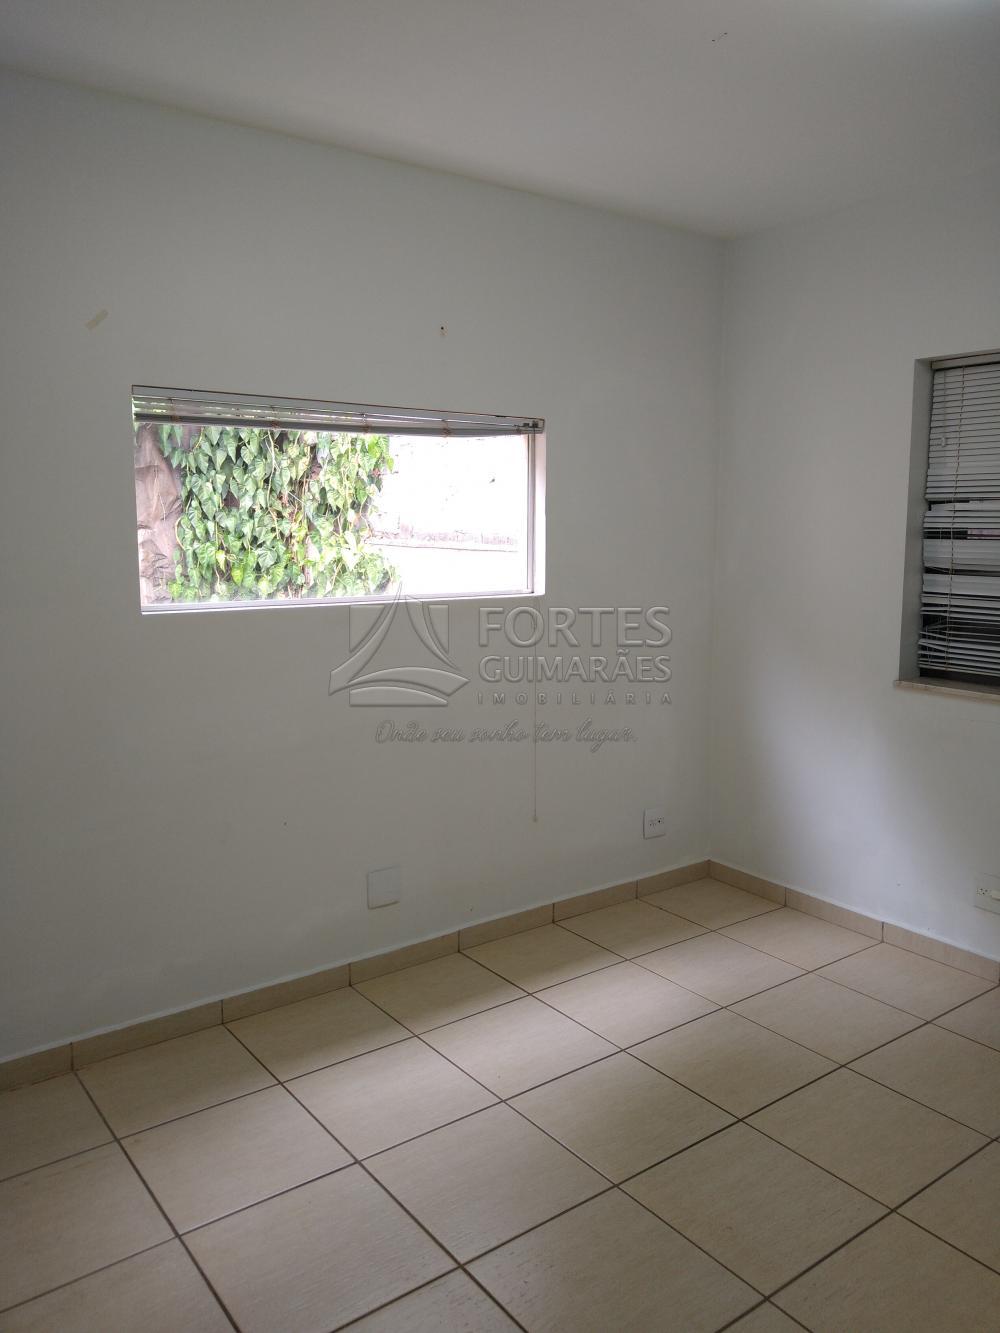 Alugar Comercial / Imóvel Comercial em Ribeirão Preto apenas R$ 12.000,00 - Foto 56